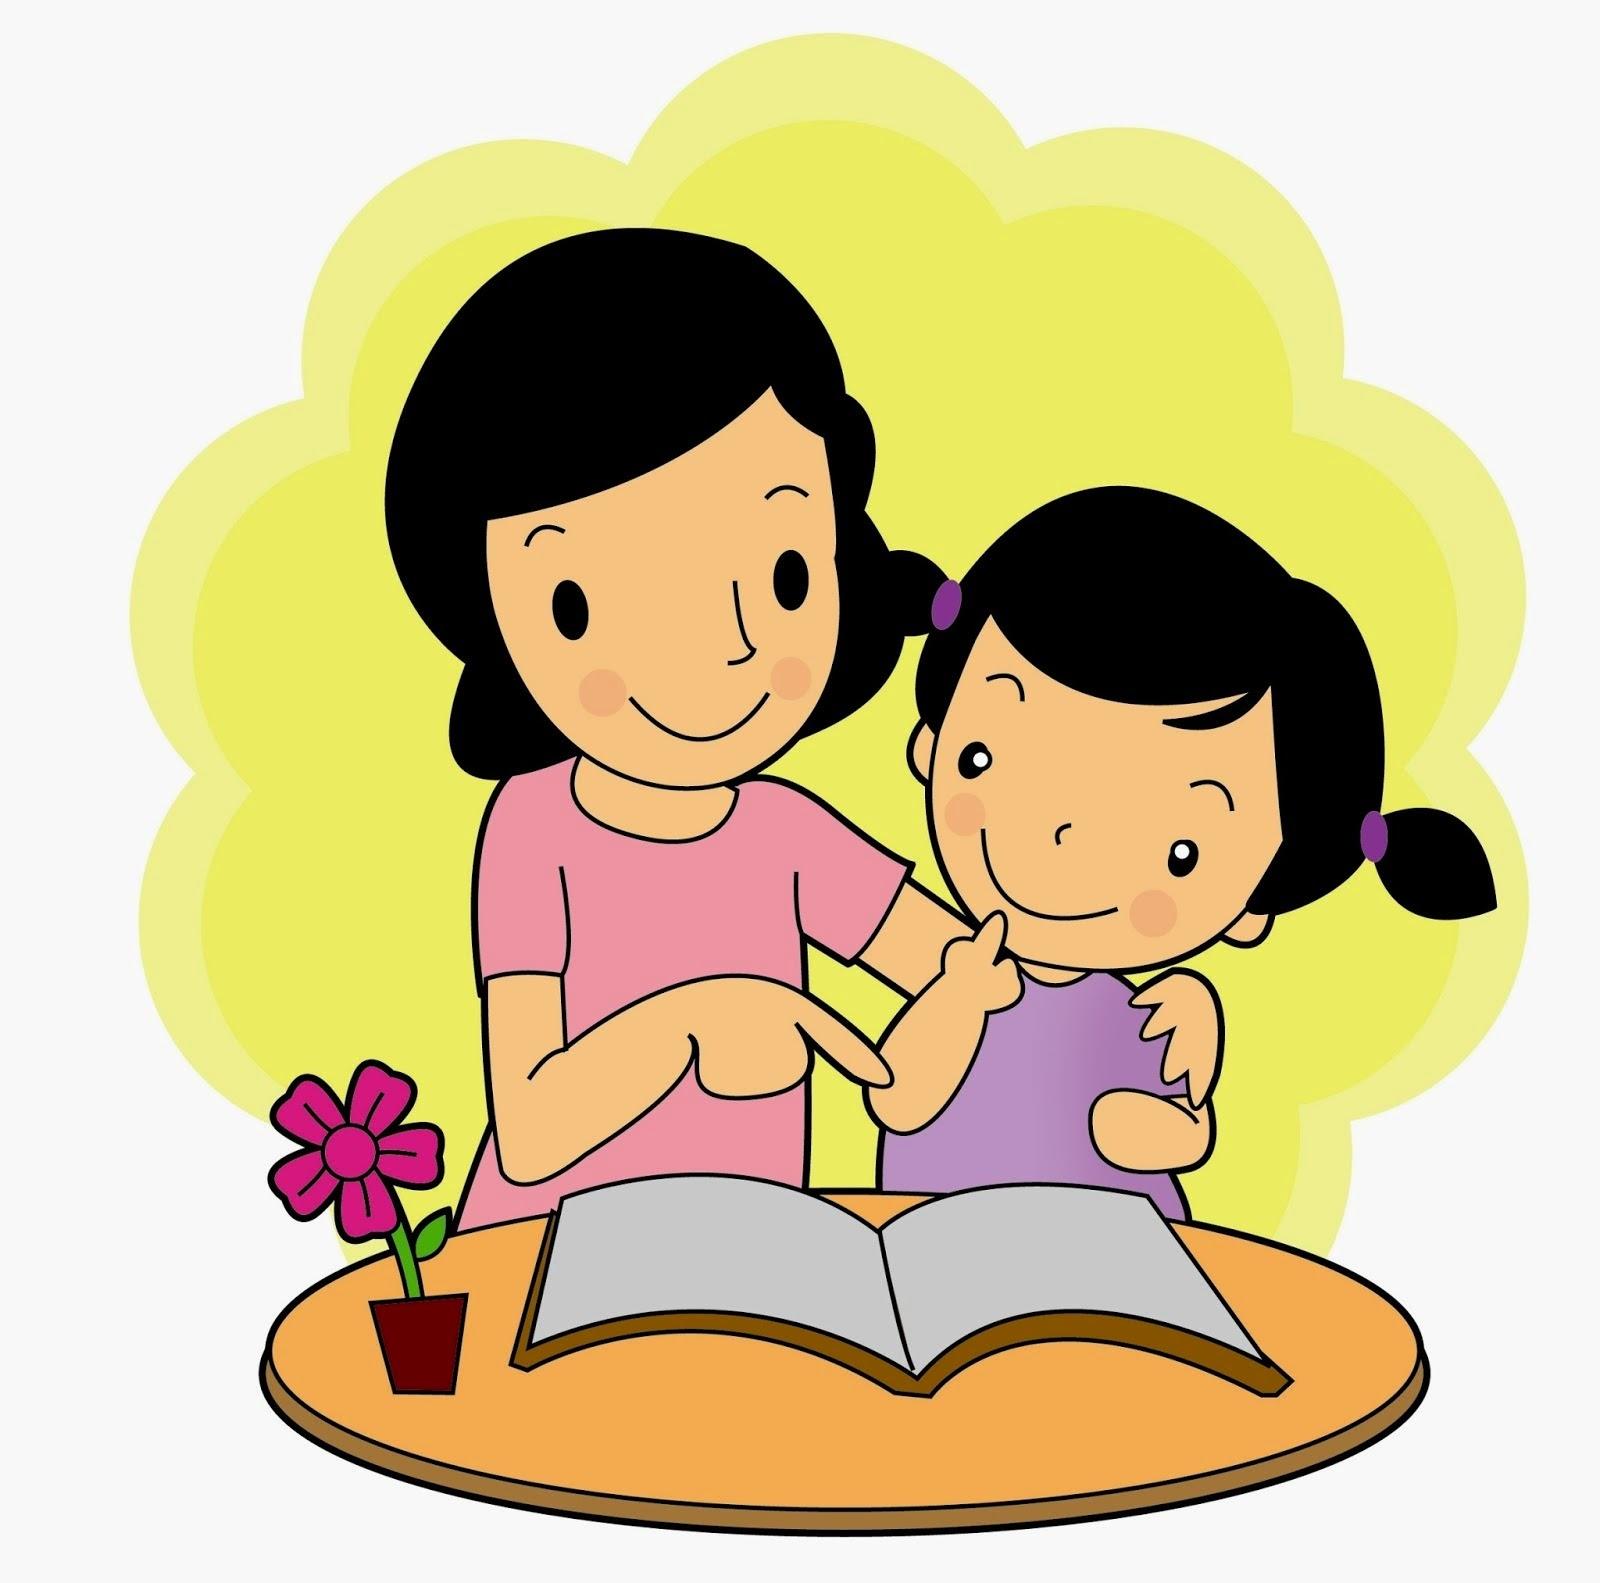 Bagi saya sendiri kebijakan orang tua untuk pro dan kontra terhadap pengajaran calistung di TK adalah kebebasan setiap orang